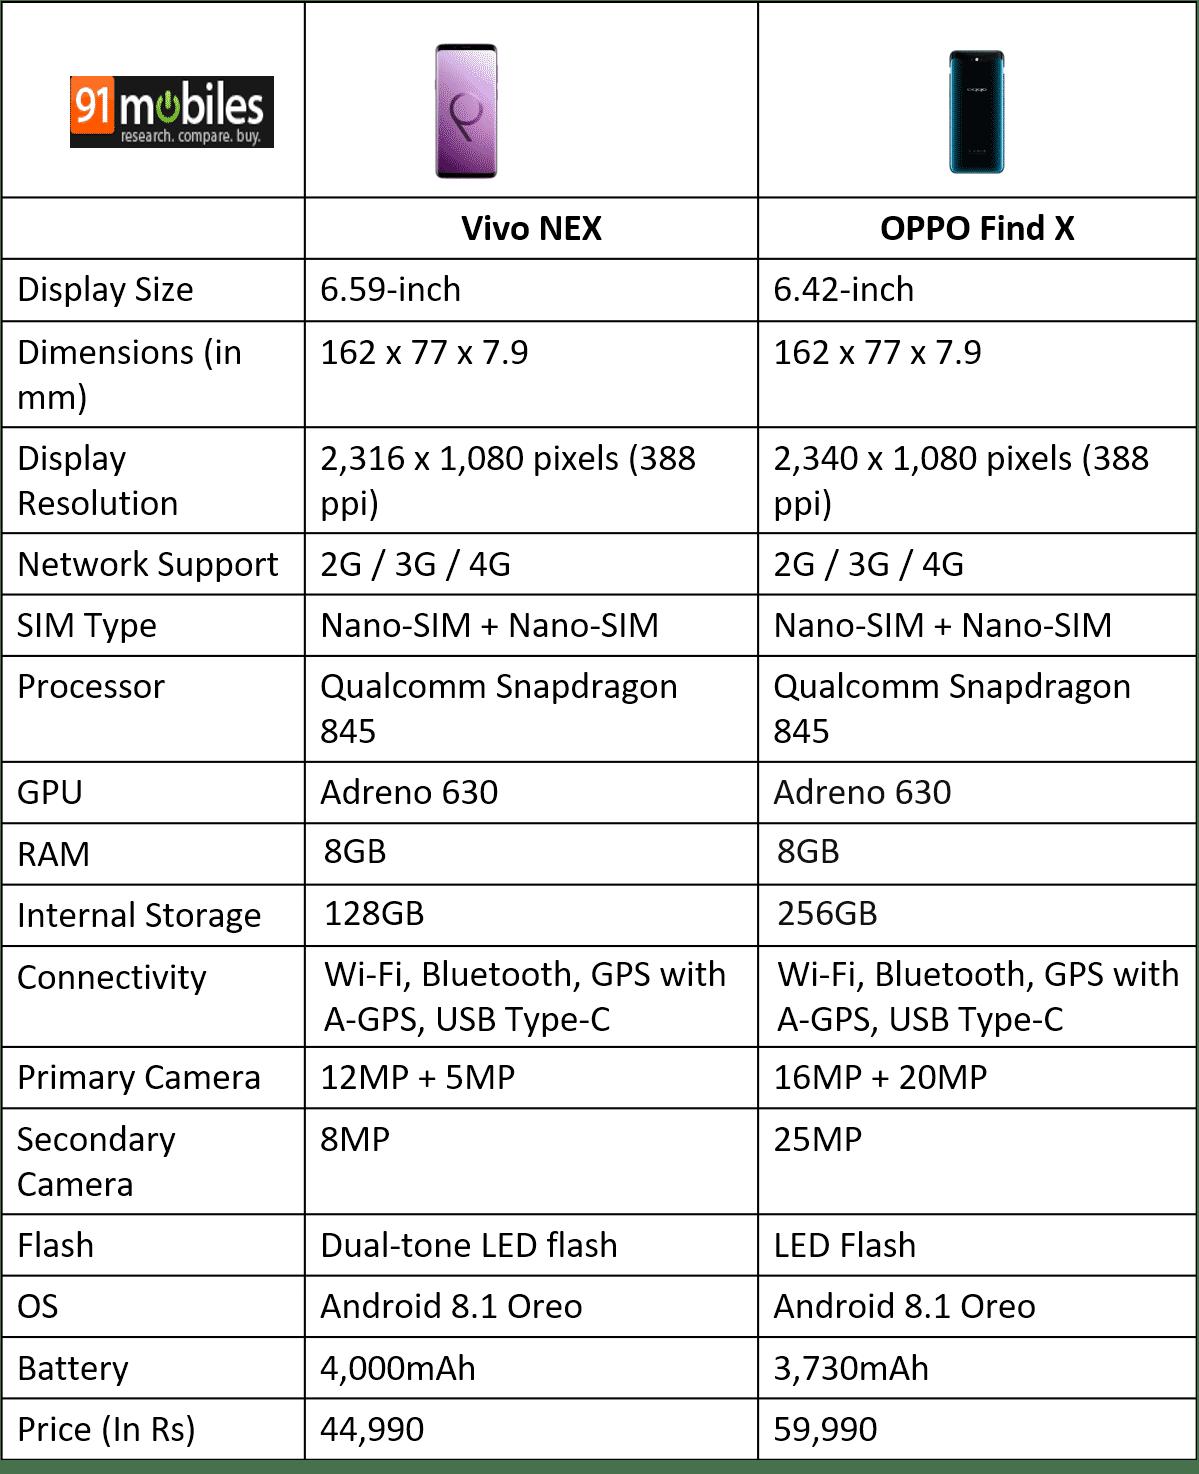 OPPO Find X vs Vivo NEX Ultimate: showdown of innovative